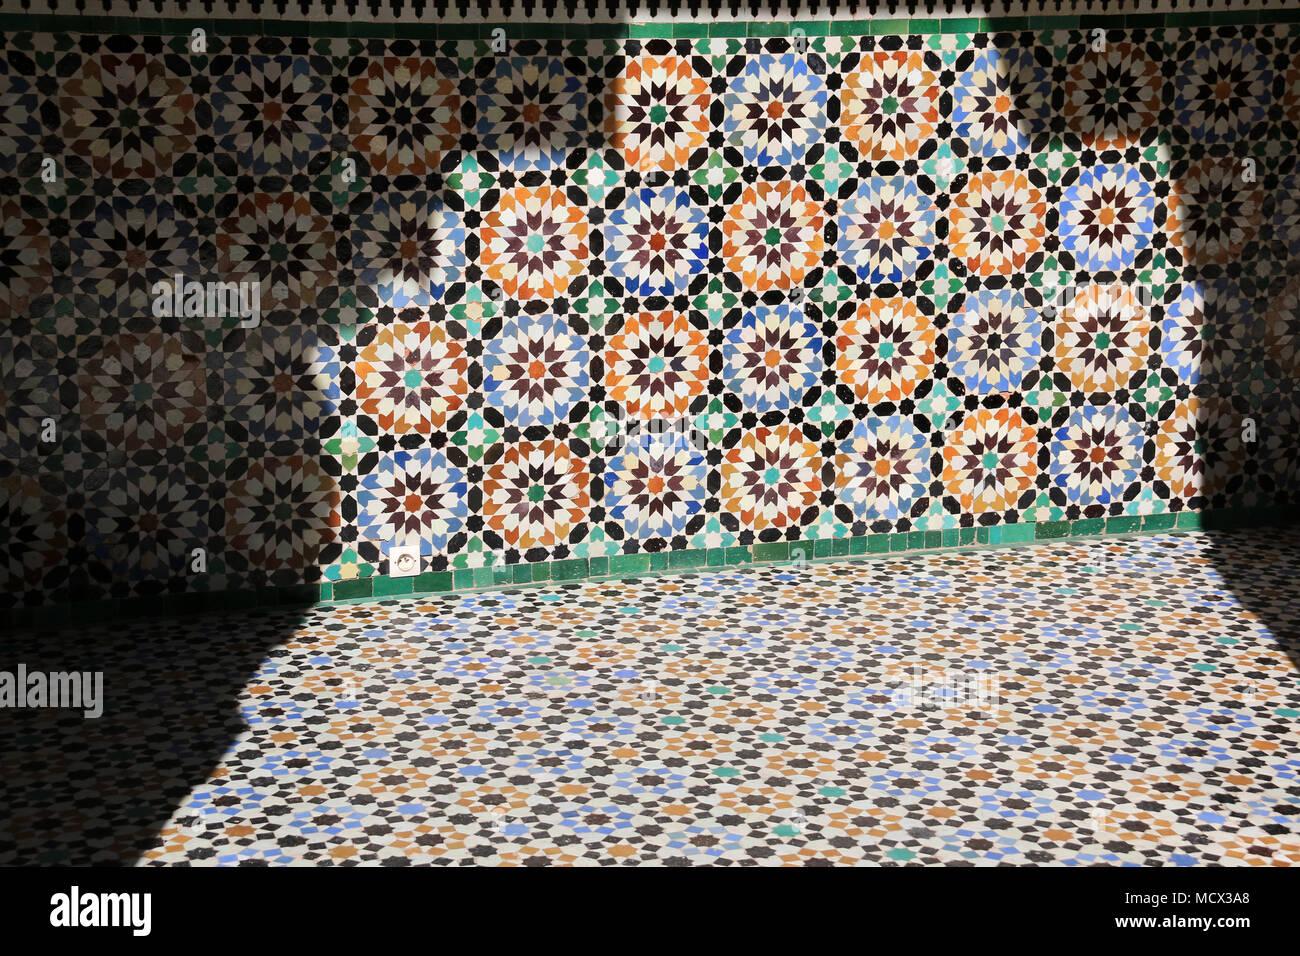 Piastrelle marocchine tradizionali immagini & piastrelle marocchine